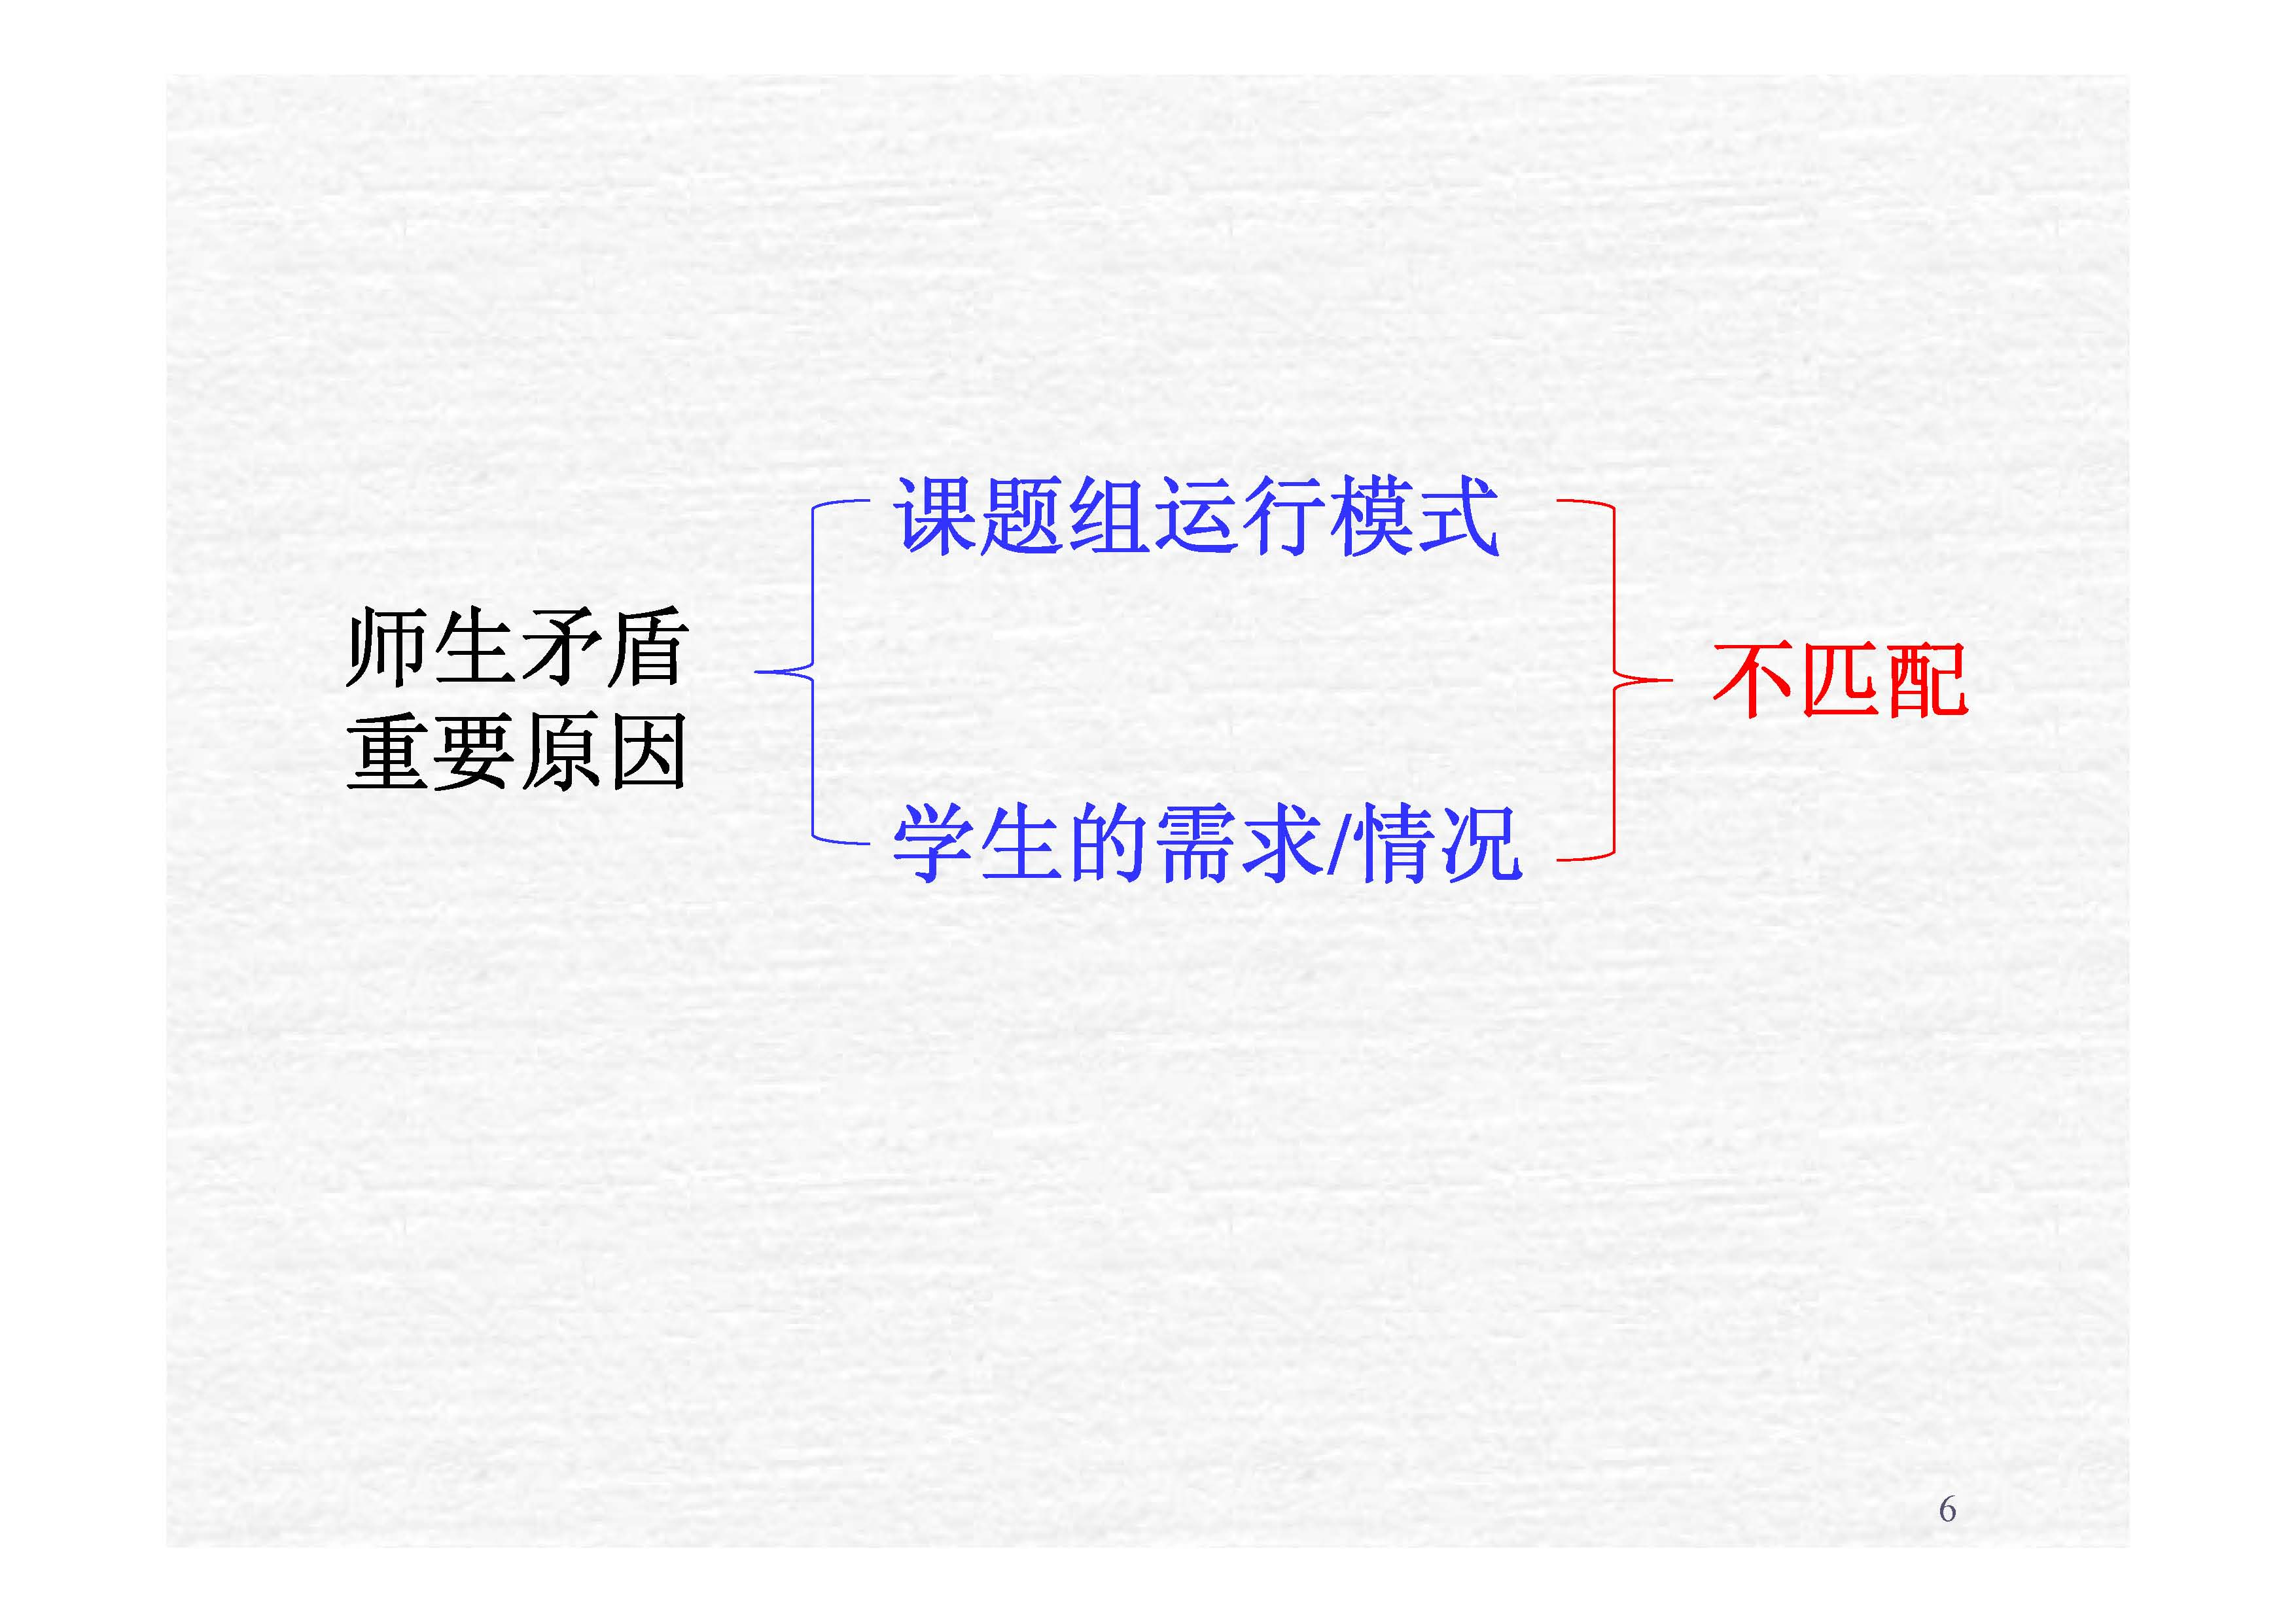 研究生师生矛盾及其化解对策-修订版-10_页面_06.jpg